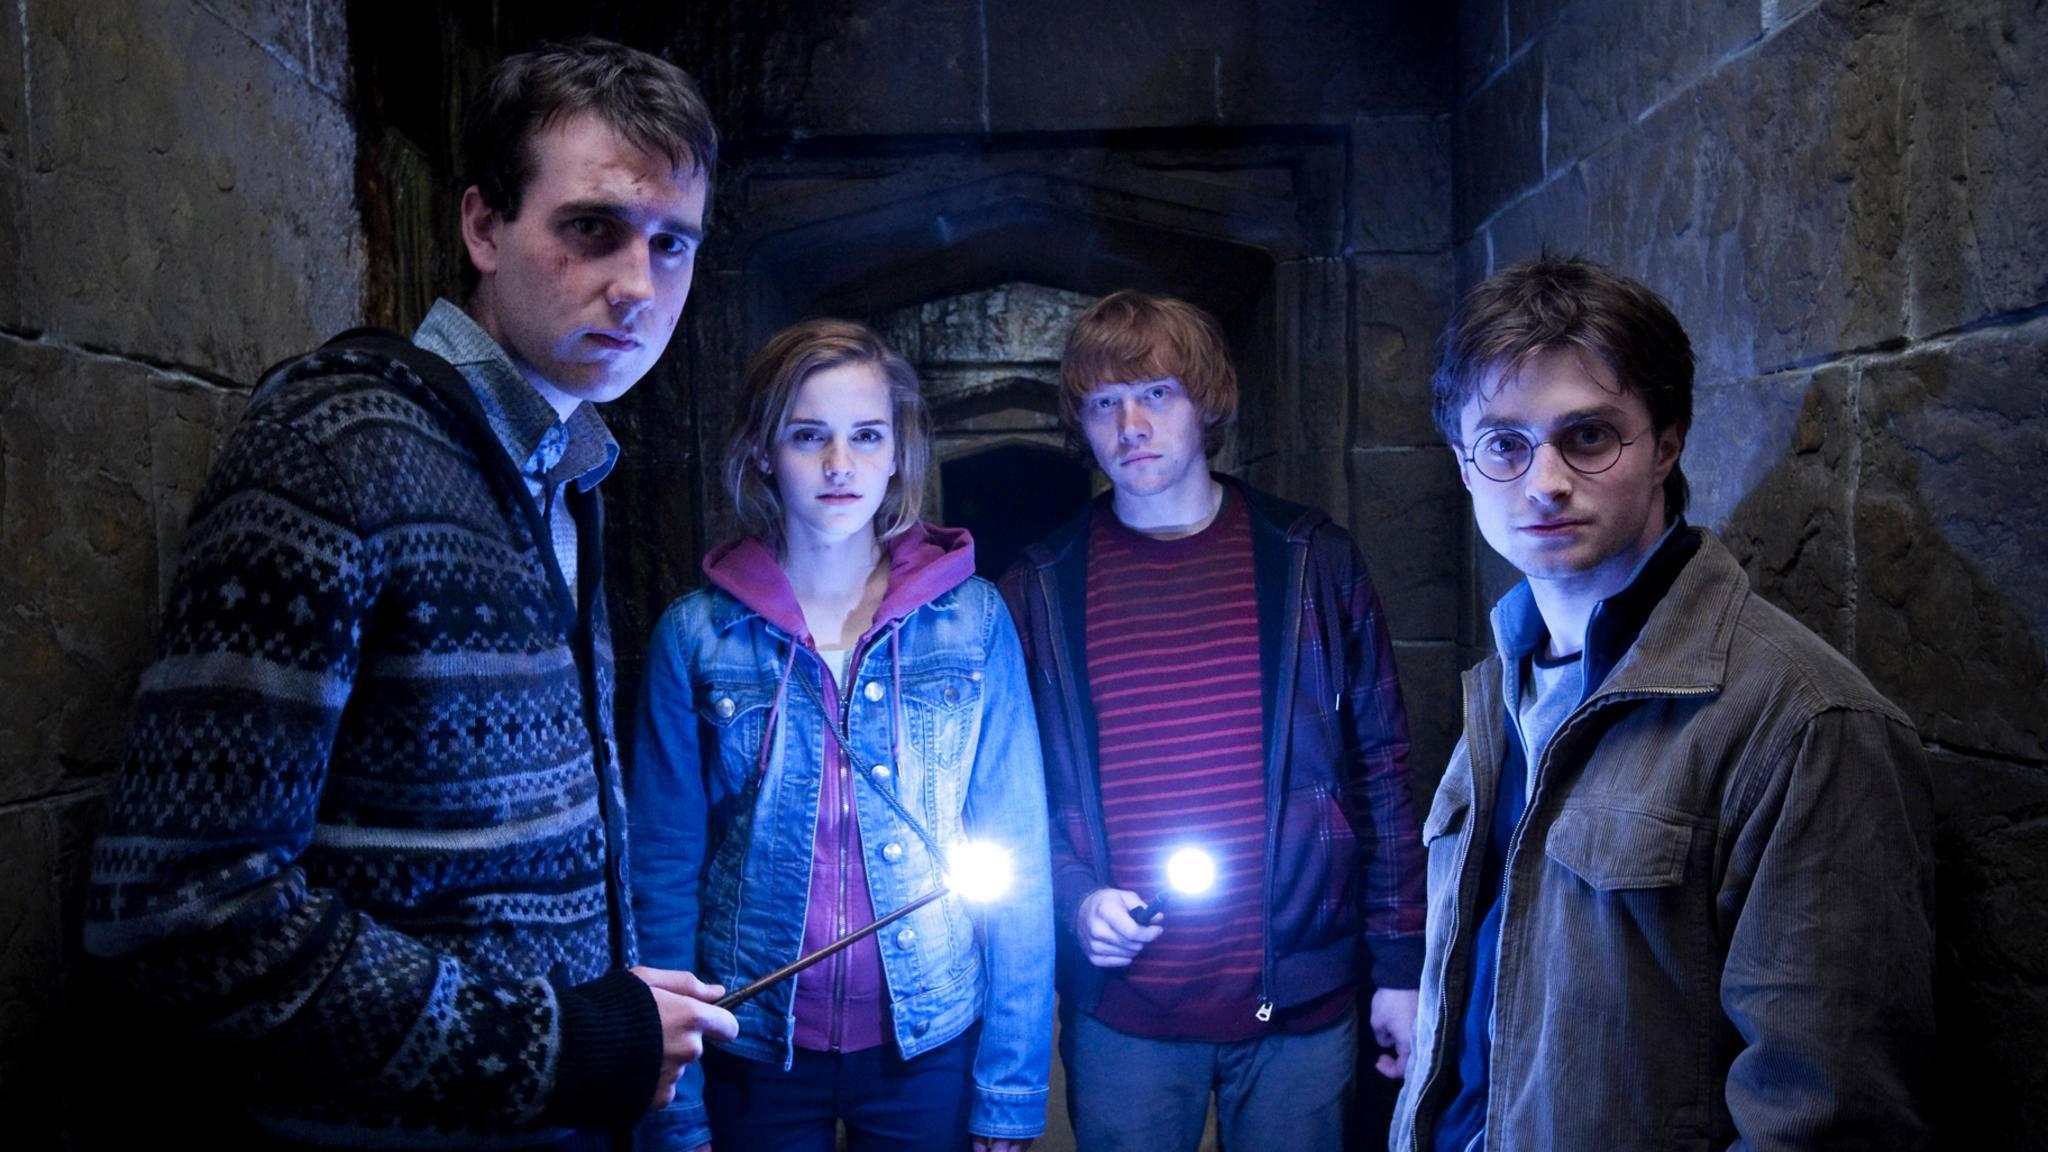 Die Abenteuer von Harry Potter und seinen Freunden machen nur in der richtigen Reihenfolge Sinn.